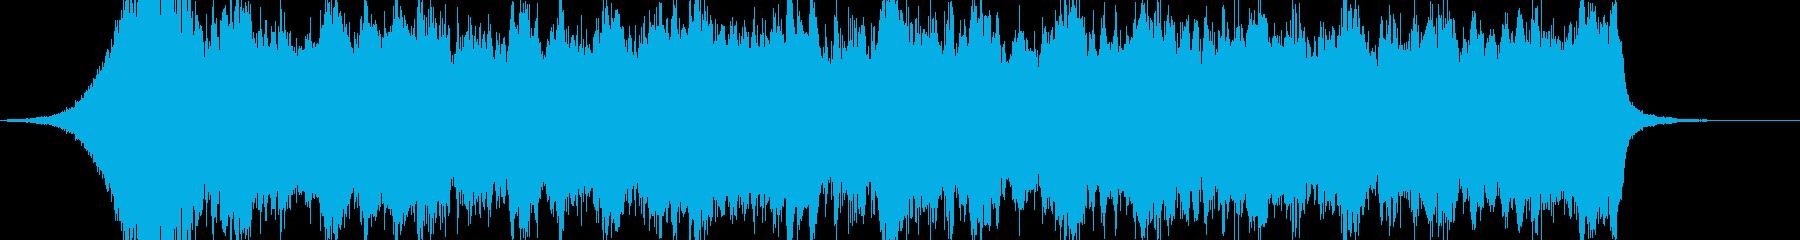 壮大なイメージの感動的な和風オーケストラの再生済みの波形